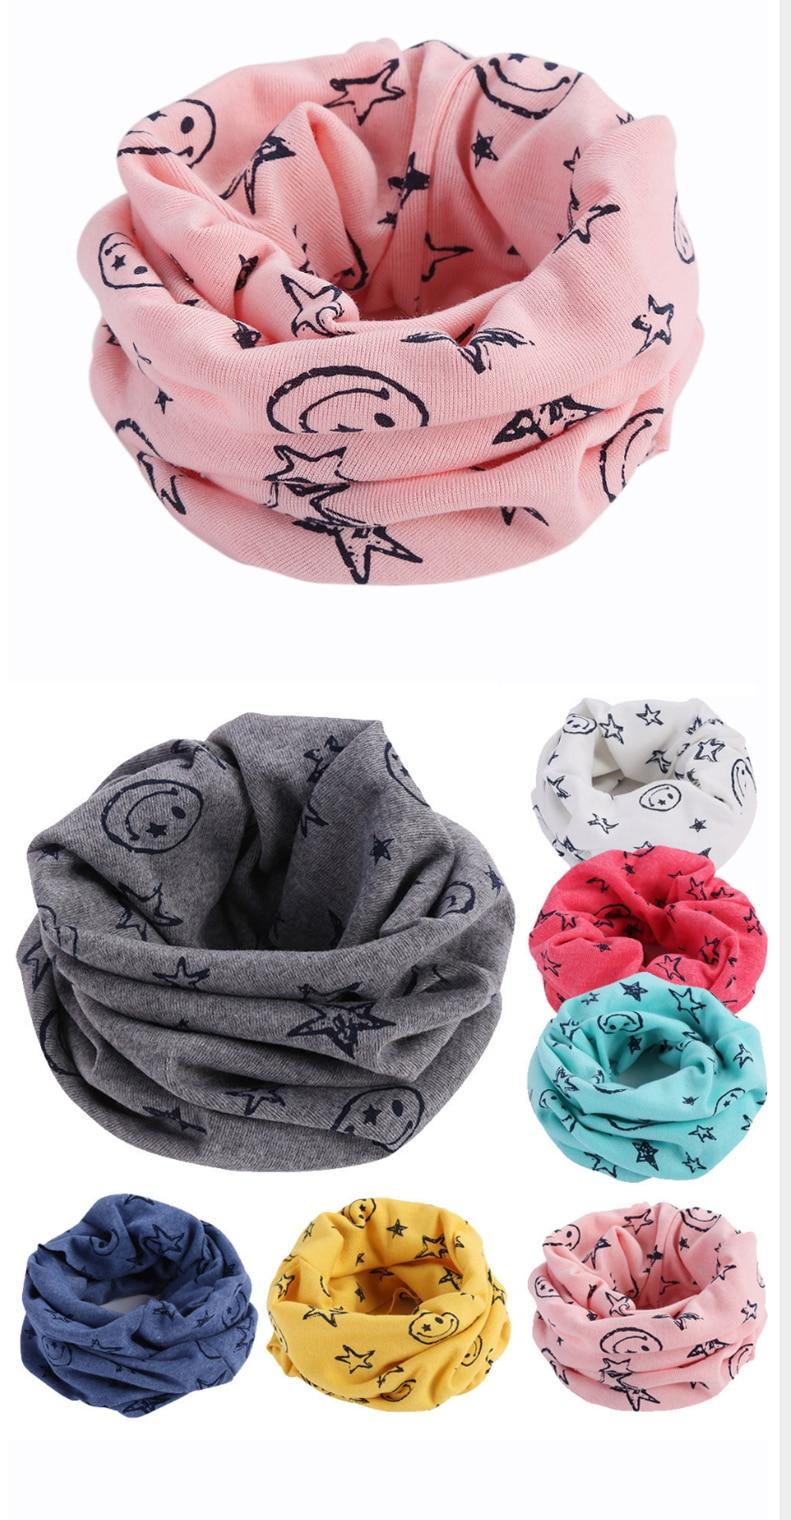 Детский Теплый хлопковый шарф-труба для мальчиков и девочек, шарф-шаль с круглым вырезом, шейный платок с рисунком улыбающегося лица и звезды